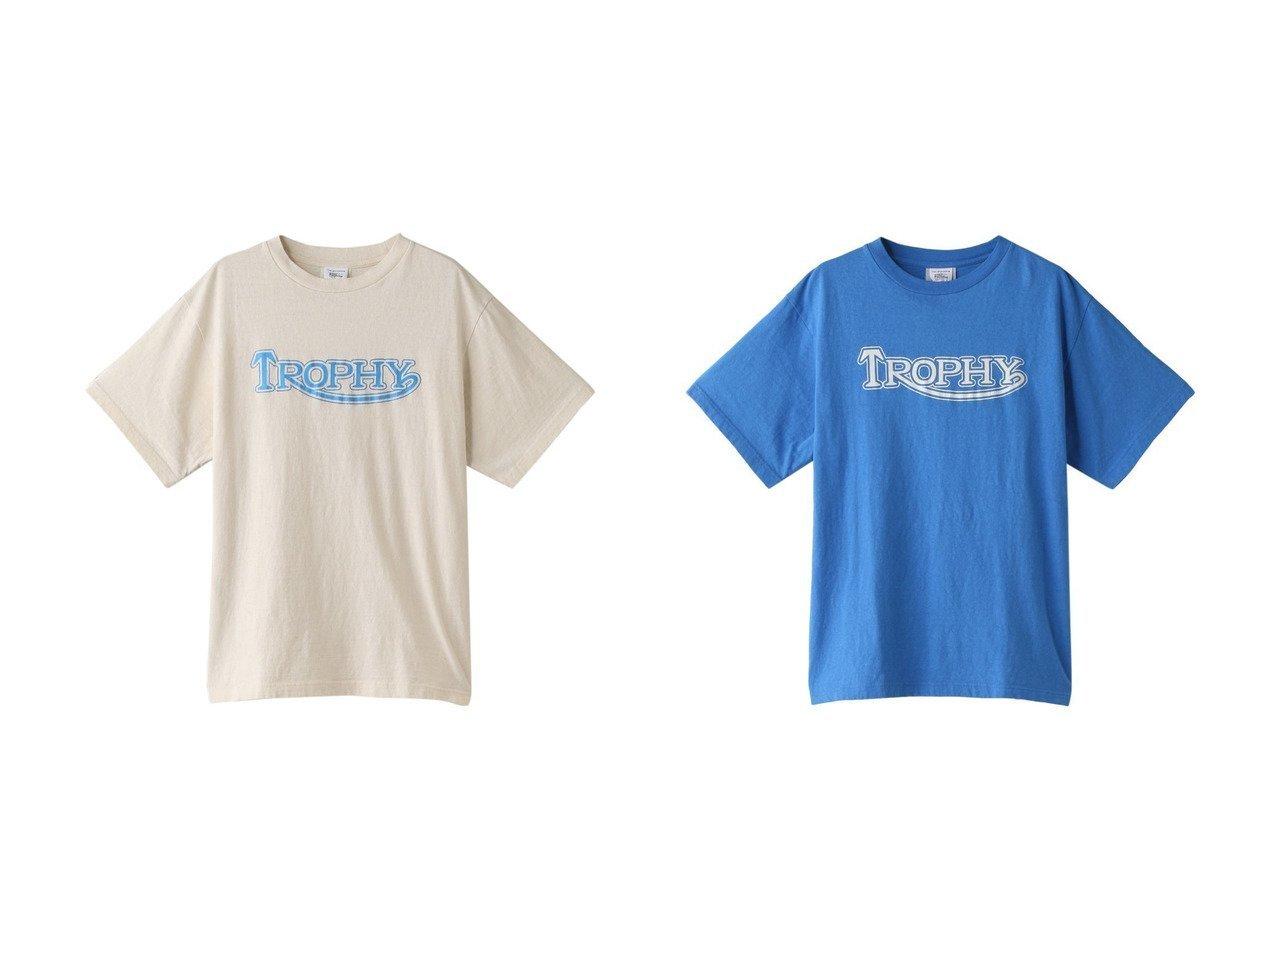 【Shinzone/シンゾーン】のTROPHY Tシャツ トップス・カットソーのおすすめ!人気、トレンド・レディースファッションの通販 おすすめで人気の流行・トレンド、ファッションの通販商品 メンズファッション・キッズファッション・インテリア・家具・レディースファッション・服の通販 founy(ファニー) https://founy.com/ ファッション Fashion レディースファッション WOMEN トップス Tops Tshirt シャツ/ブラウス Shirts Blouses ロング / Tシャツ T-Shirts カットソー Cut and Sewn 2021年 2021 2021 春夏 S/S SS Spring/Summer 2021 S/S 春夏 SS Spring/Summer ショート シンプル スリーブ 半袖 春 Spring  ID:crp329100000013498